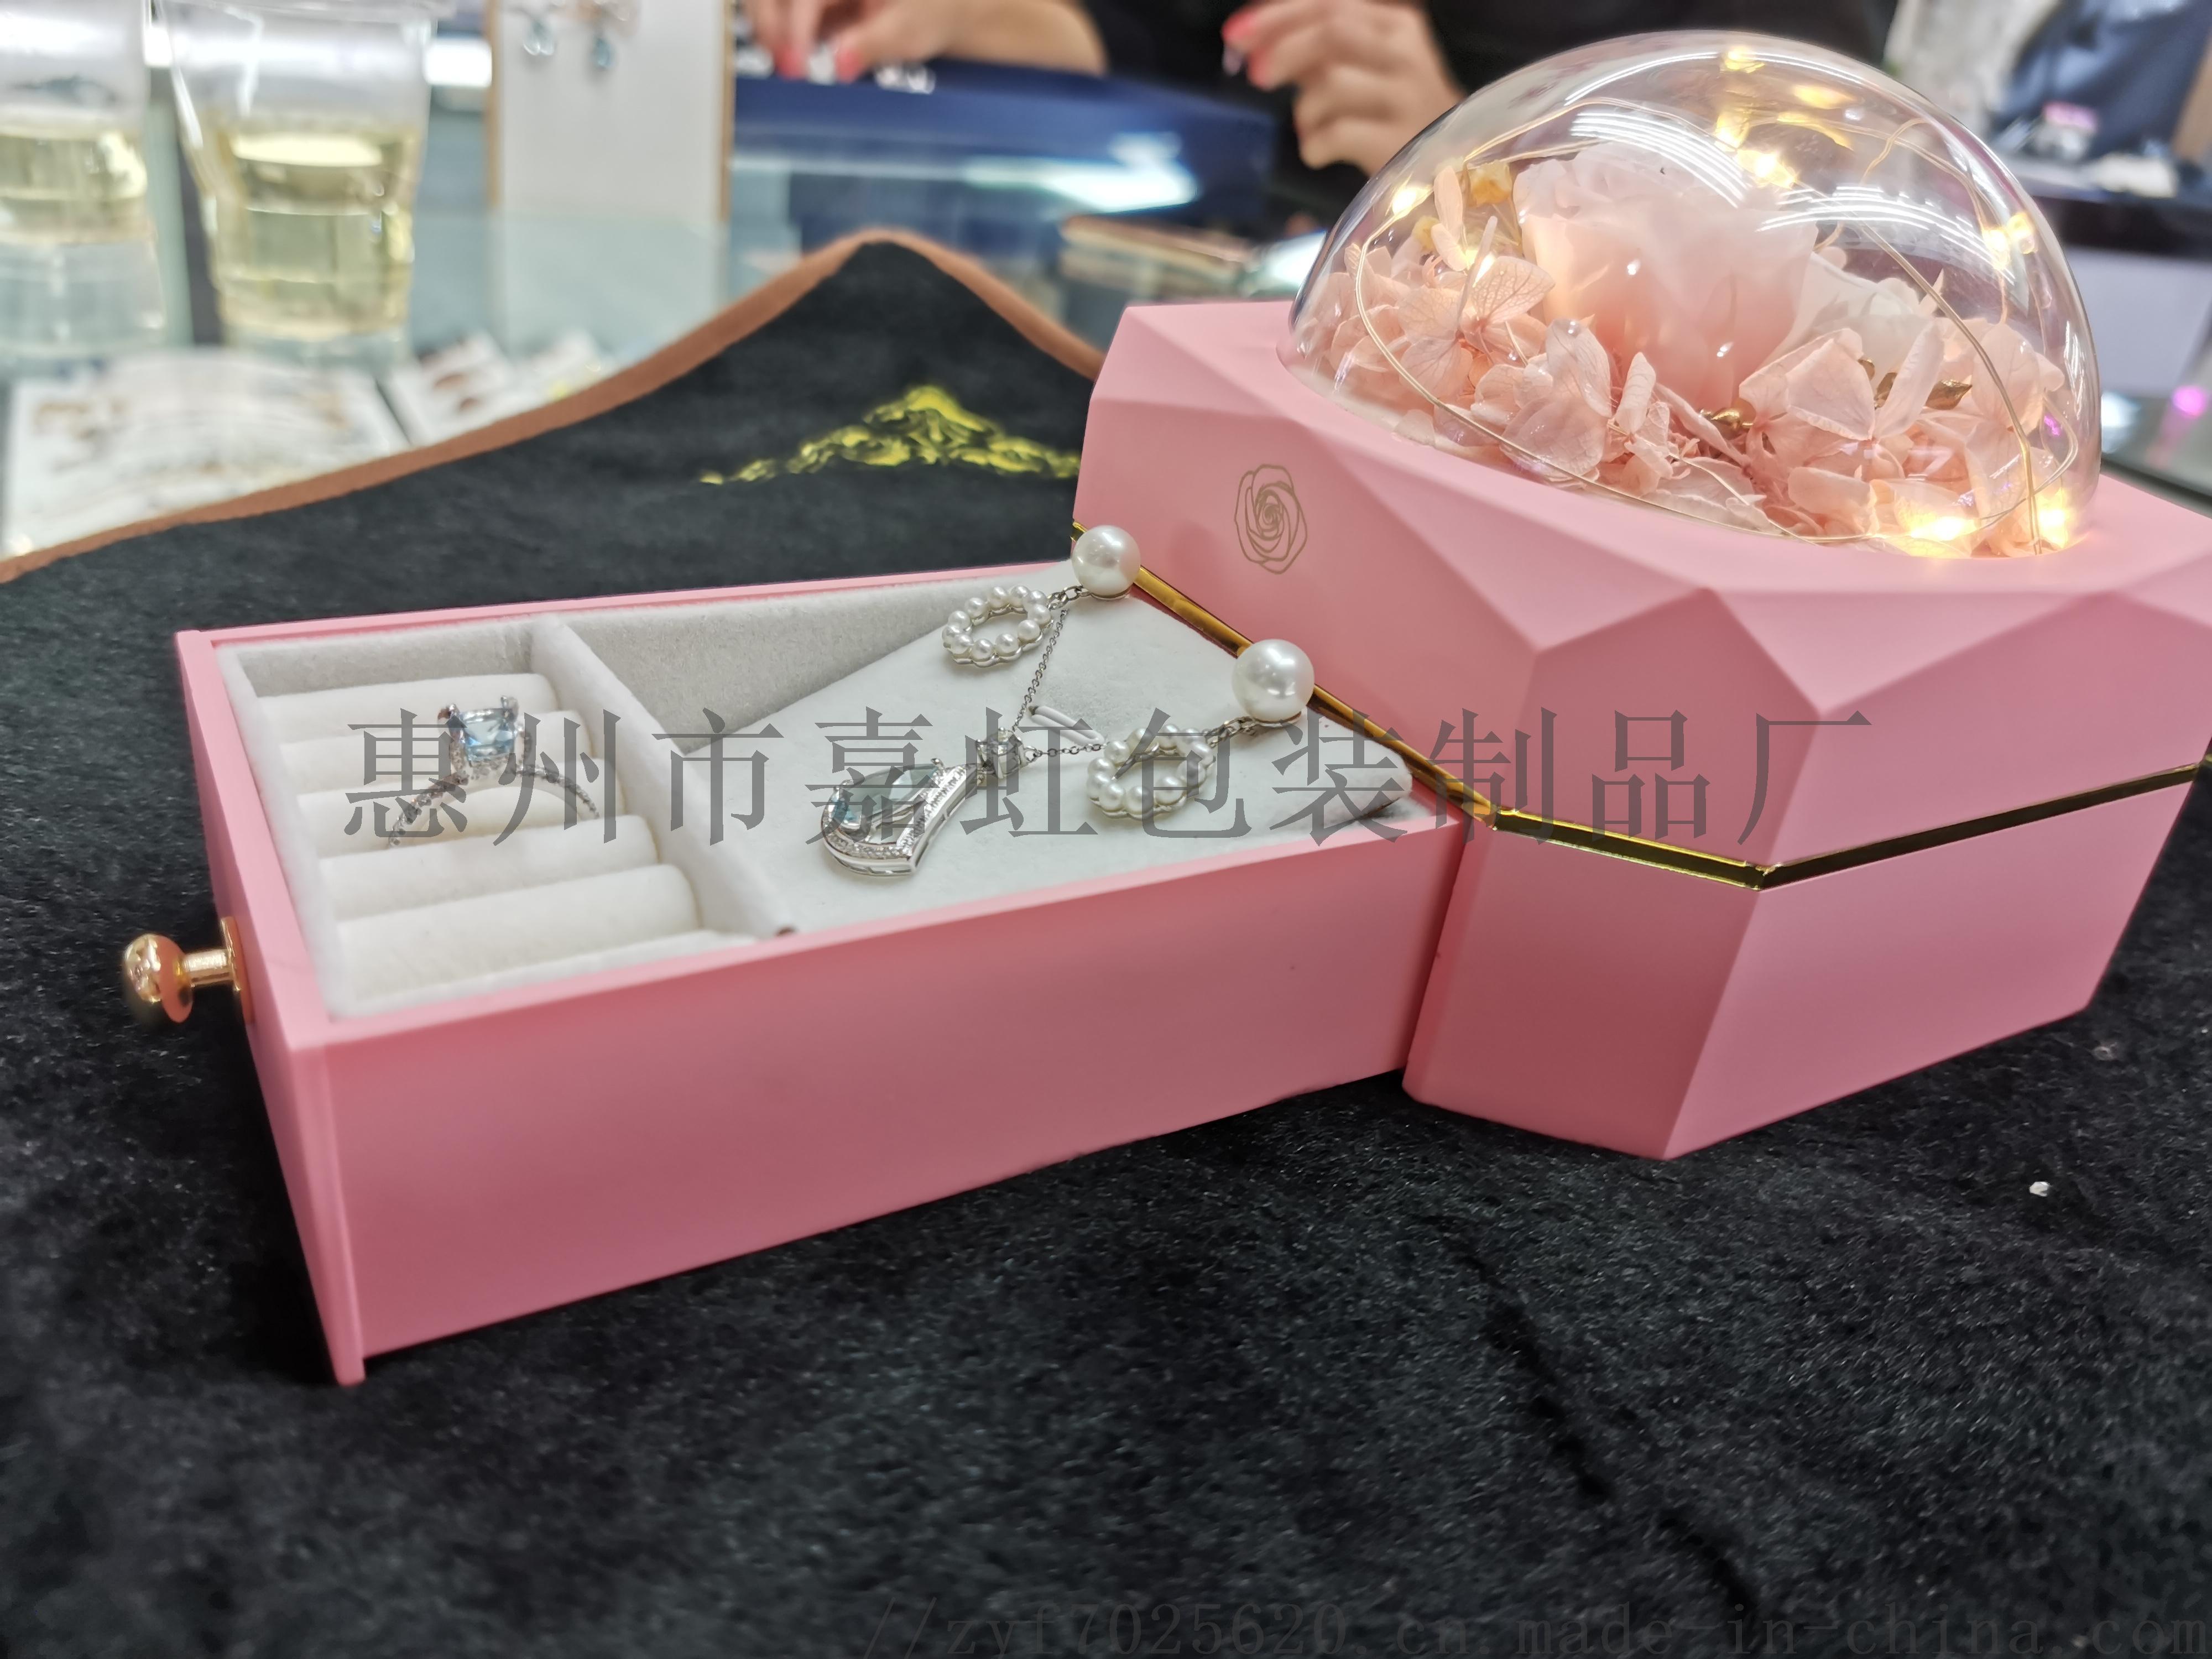 粉色实物展示3.jpg